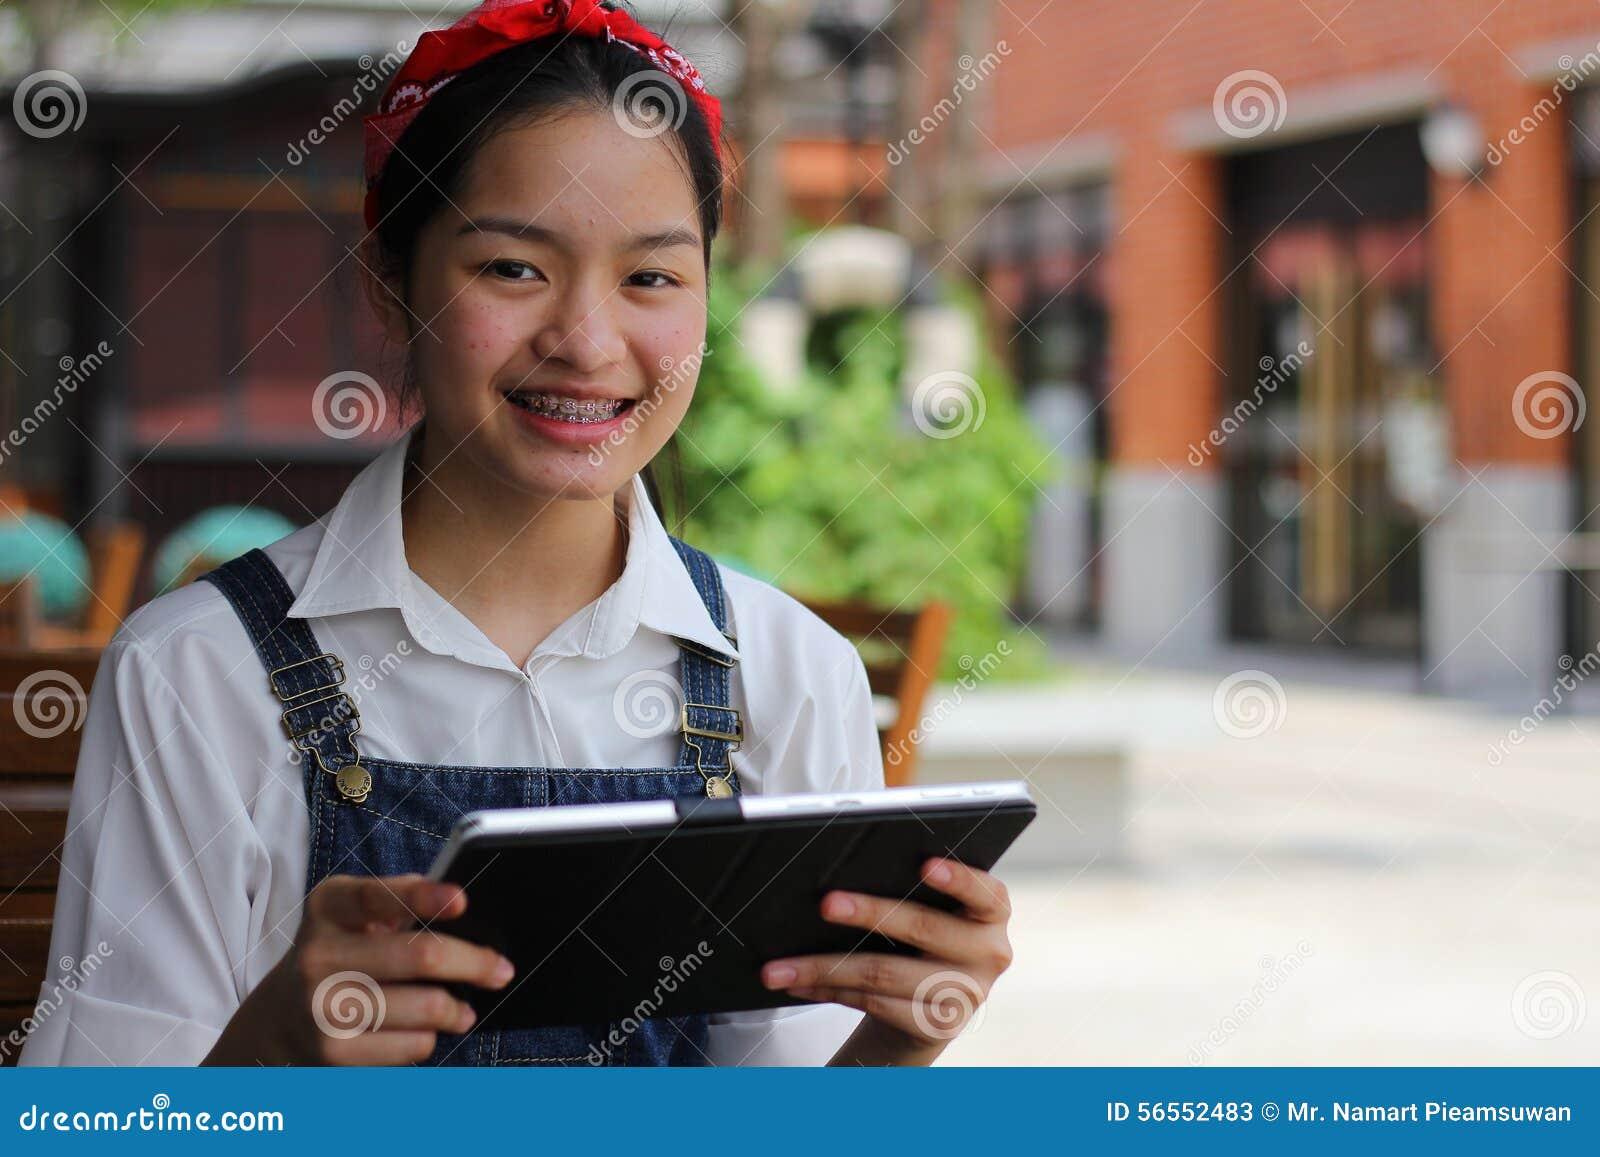 Download Ταϊλανδικό όμορφο κορίτσι εφήβων σπουδαστών που χρησιμοποιεί την ταμπλέτα της Στοκ Εικόνα - εικόνα από πάρκο, κορίτσι: 56552483